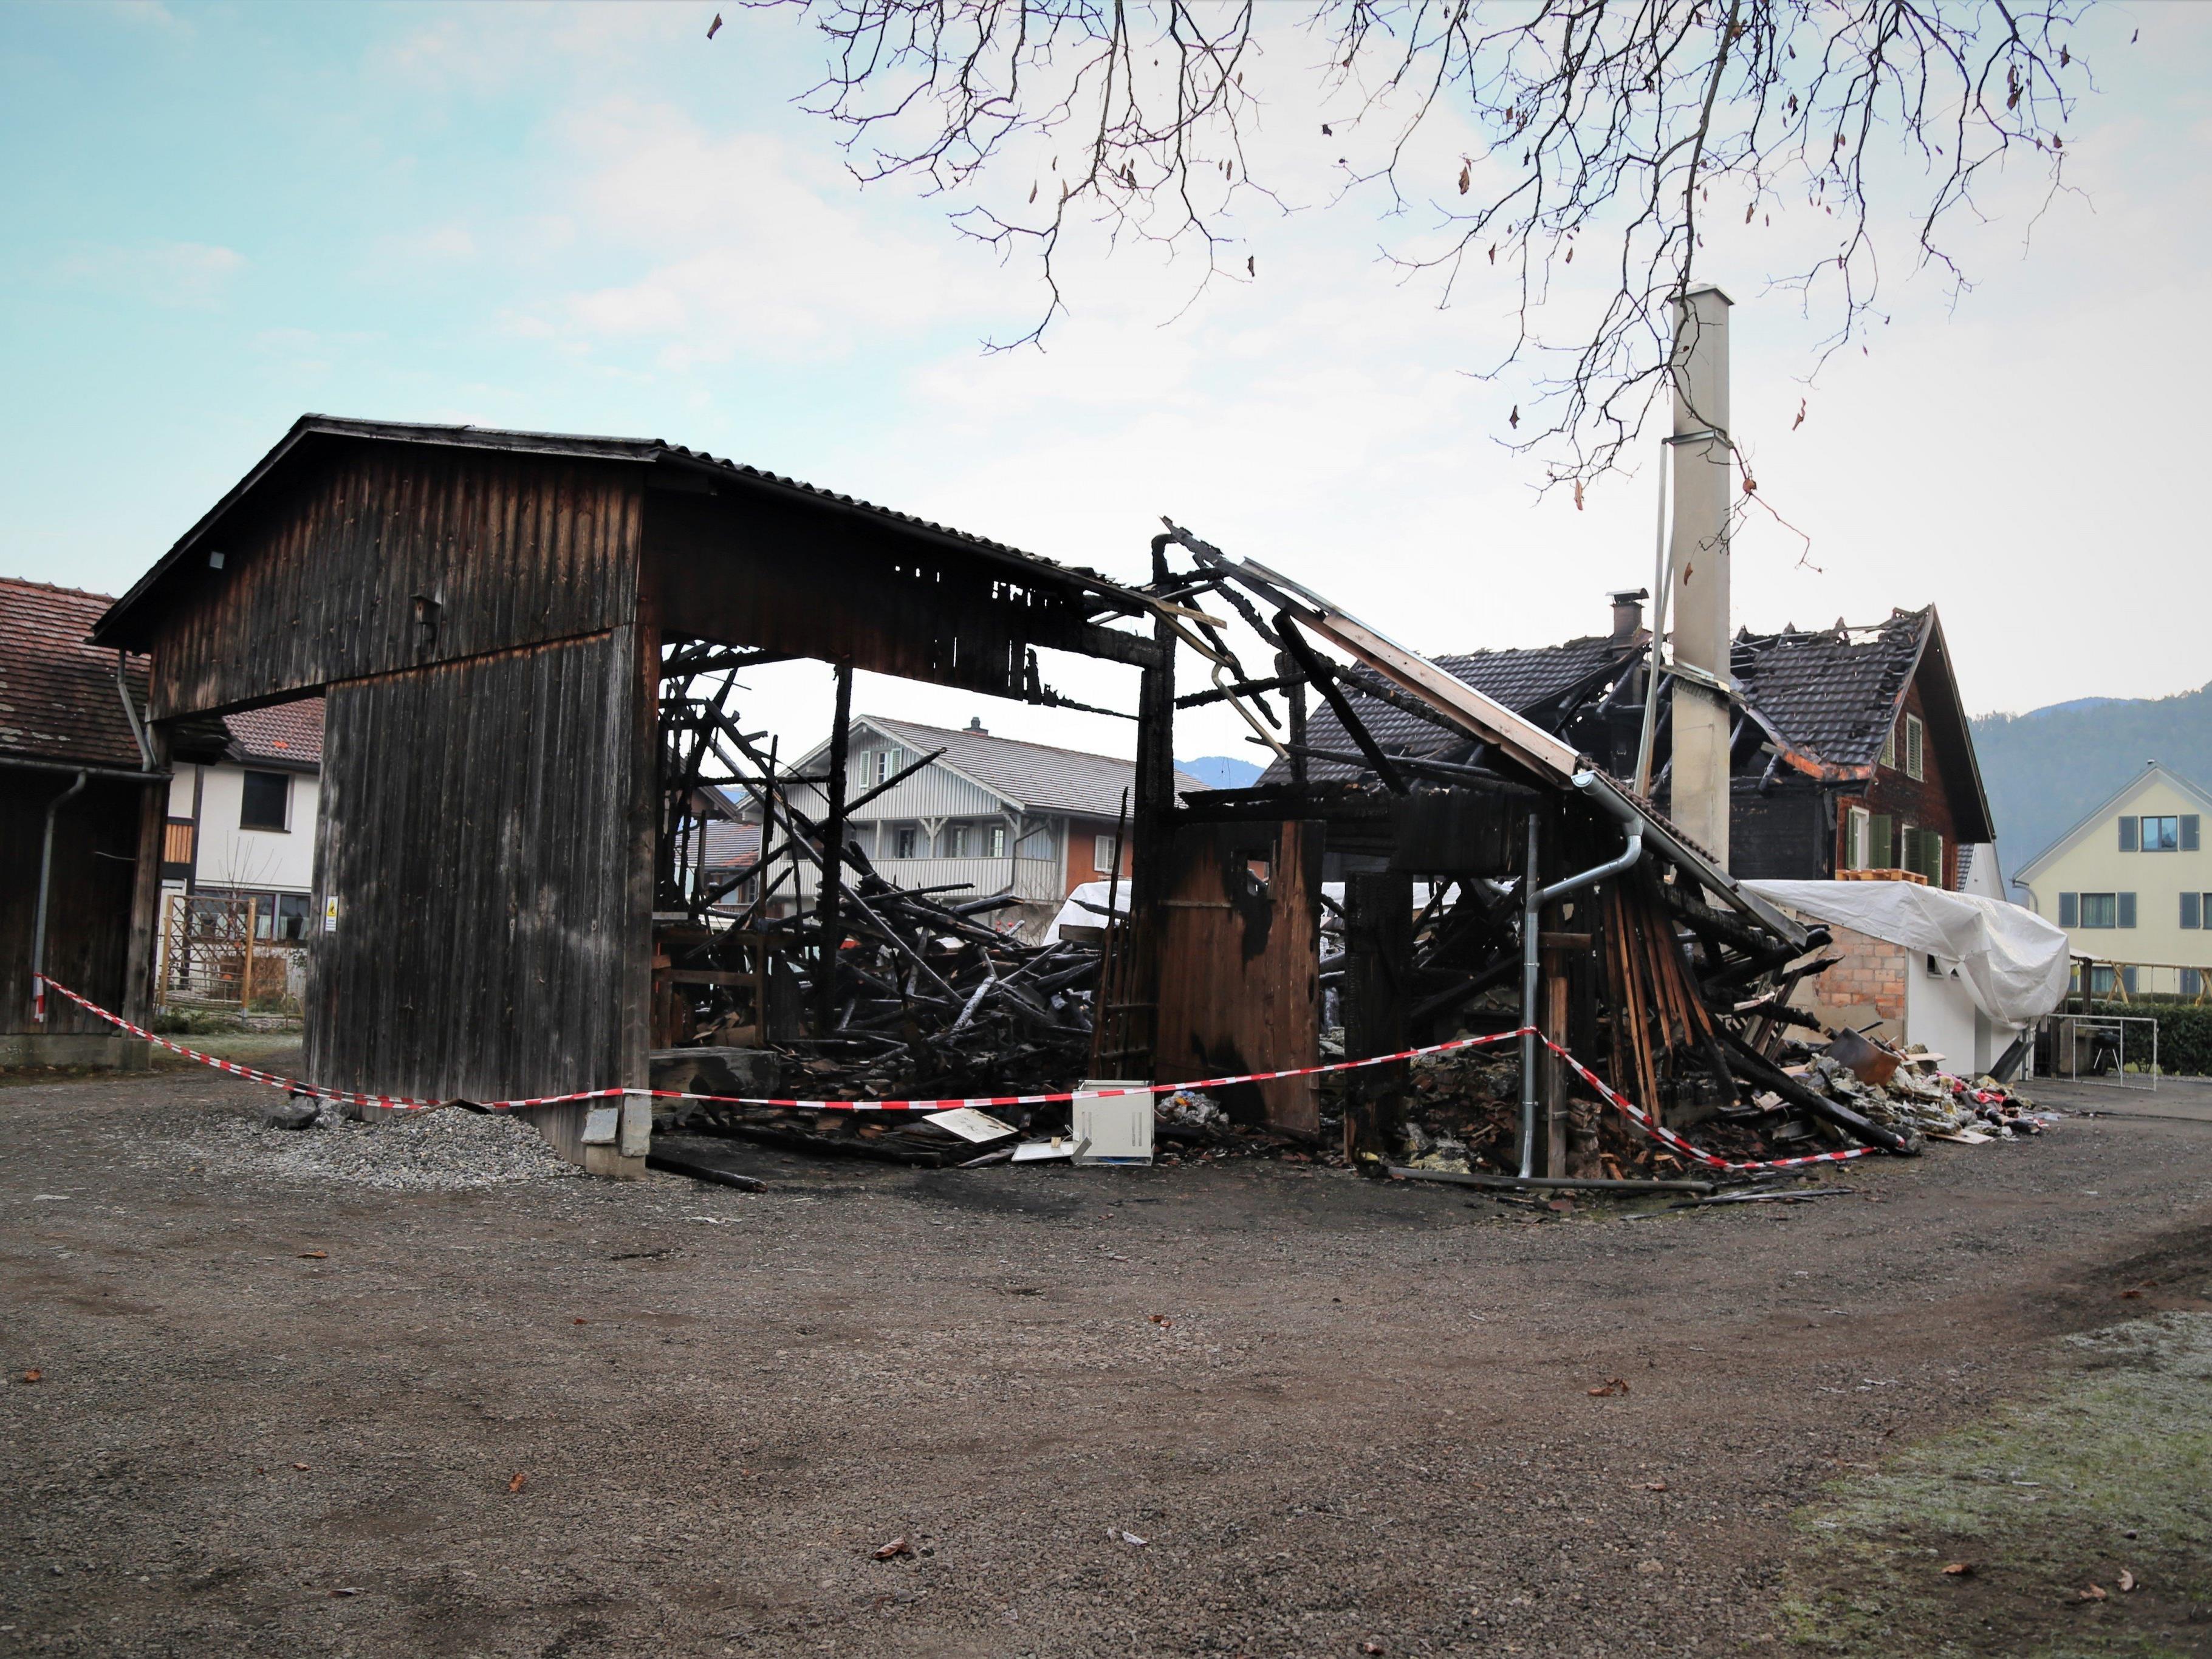 Der Stall wurde durch den Brand komplett zerstört. Das Wohnhaus konnte vor den Flammen gerettet werden.